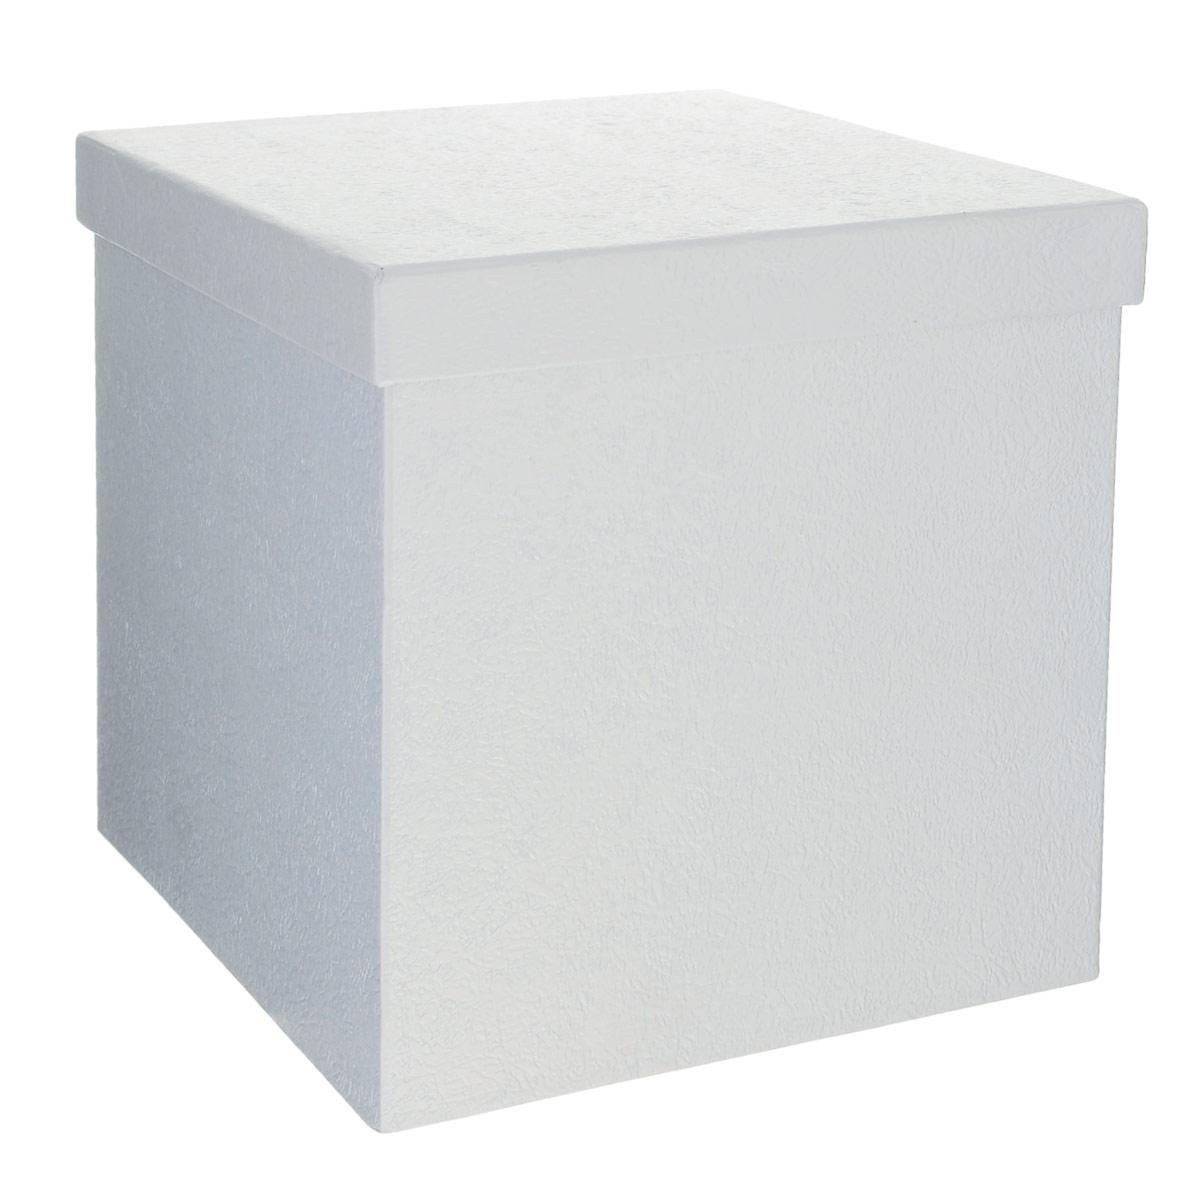 Подарочная коробка Феникс-презент, цвет: серебристый, 20 см х 20 см х 21 см36295Подарочная коробка Феникс-презент выполнена из мелованного, негофрированного картона. Коробка вместительная, закрывается крышкой.Подарочная коробка - это наилучшее решение, если вы хотите порадовать ваших близких и создать праздничное настроение, ведь подарок, преподнесенный в оригинальной упаковке, всегда будет самым эффектным и запоминающимся. Окружите близких людей вниманием и заботой, вручив презент в нарядном, праздничном оформлении.